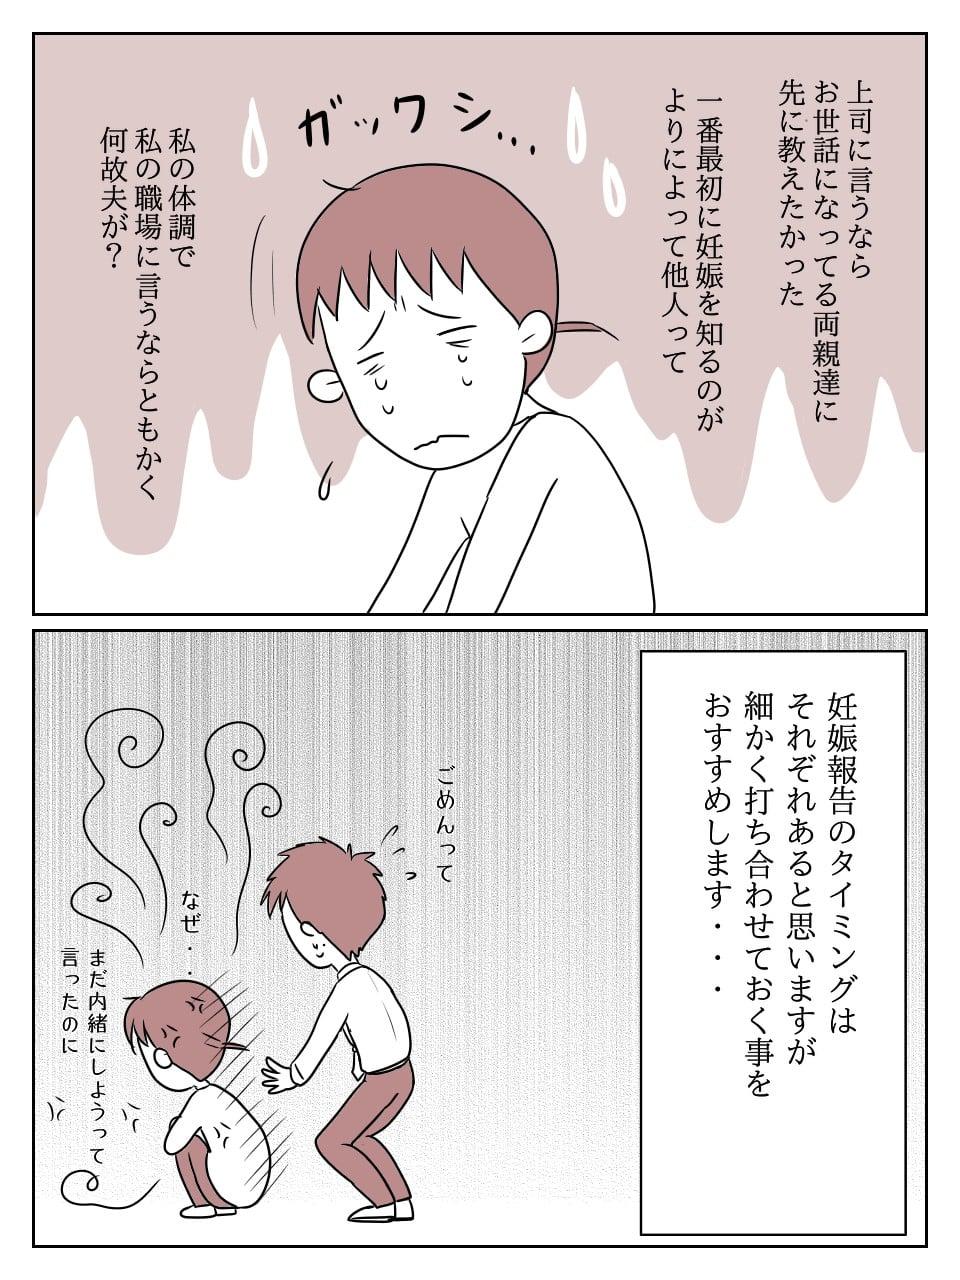 親 妊娠 報告